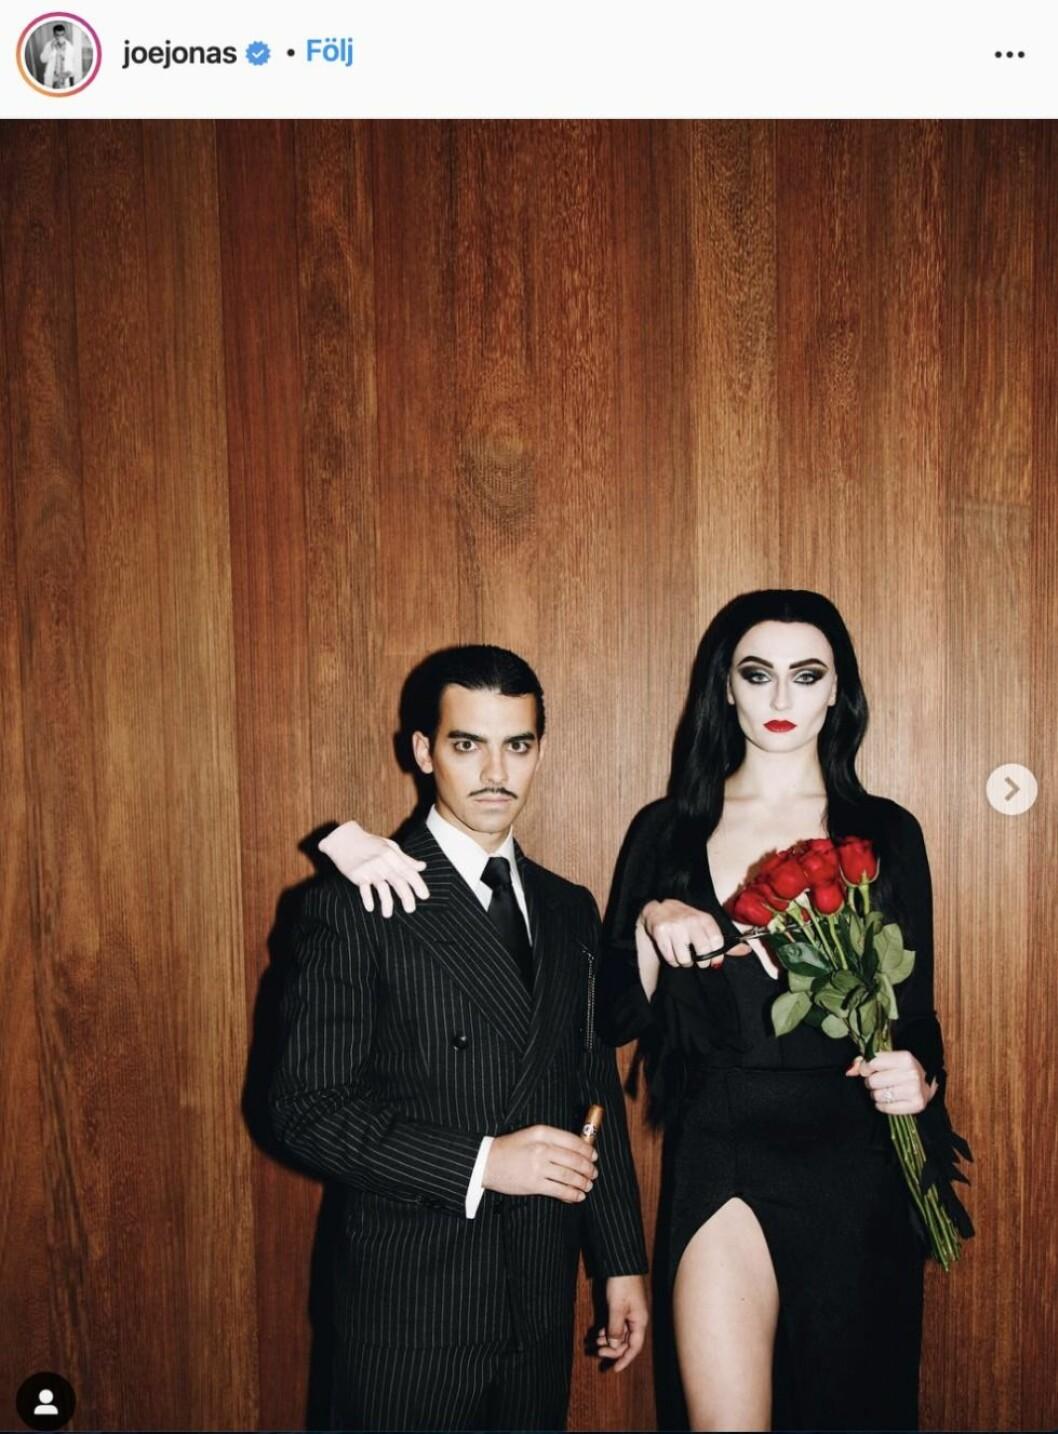 Joe Jonas och Sophie Turner som Morticia och Gomez Addams